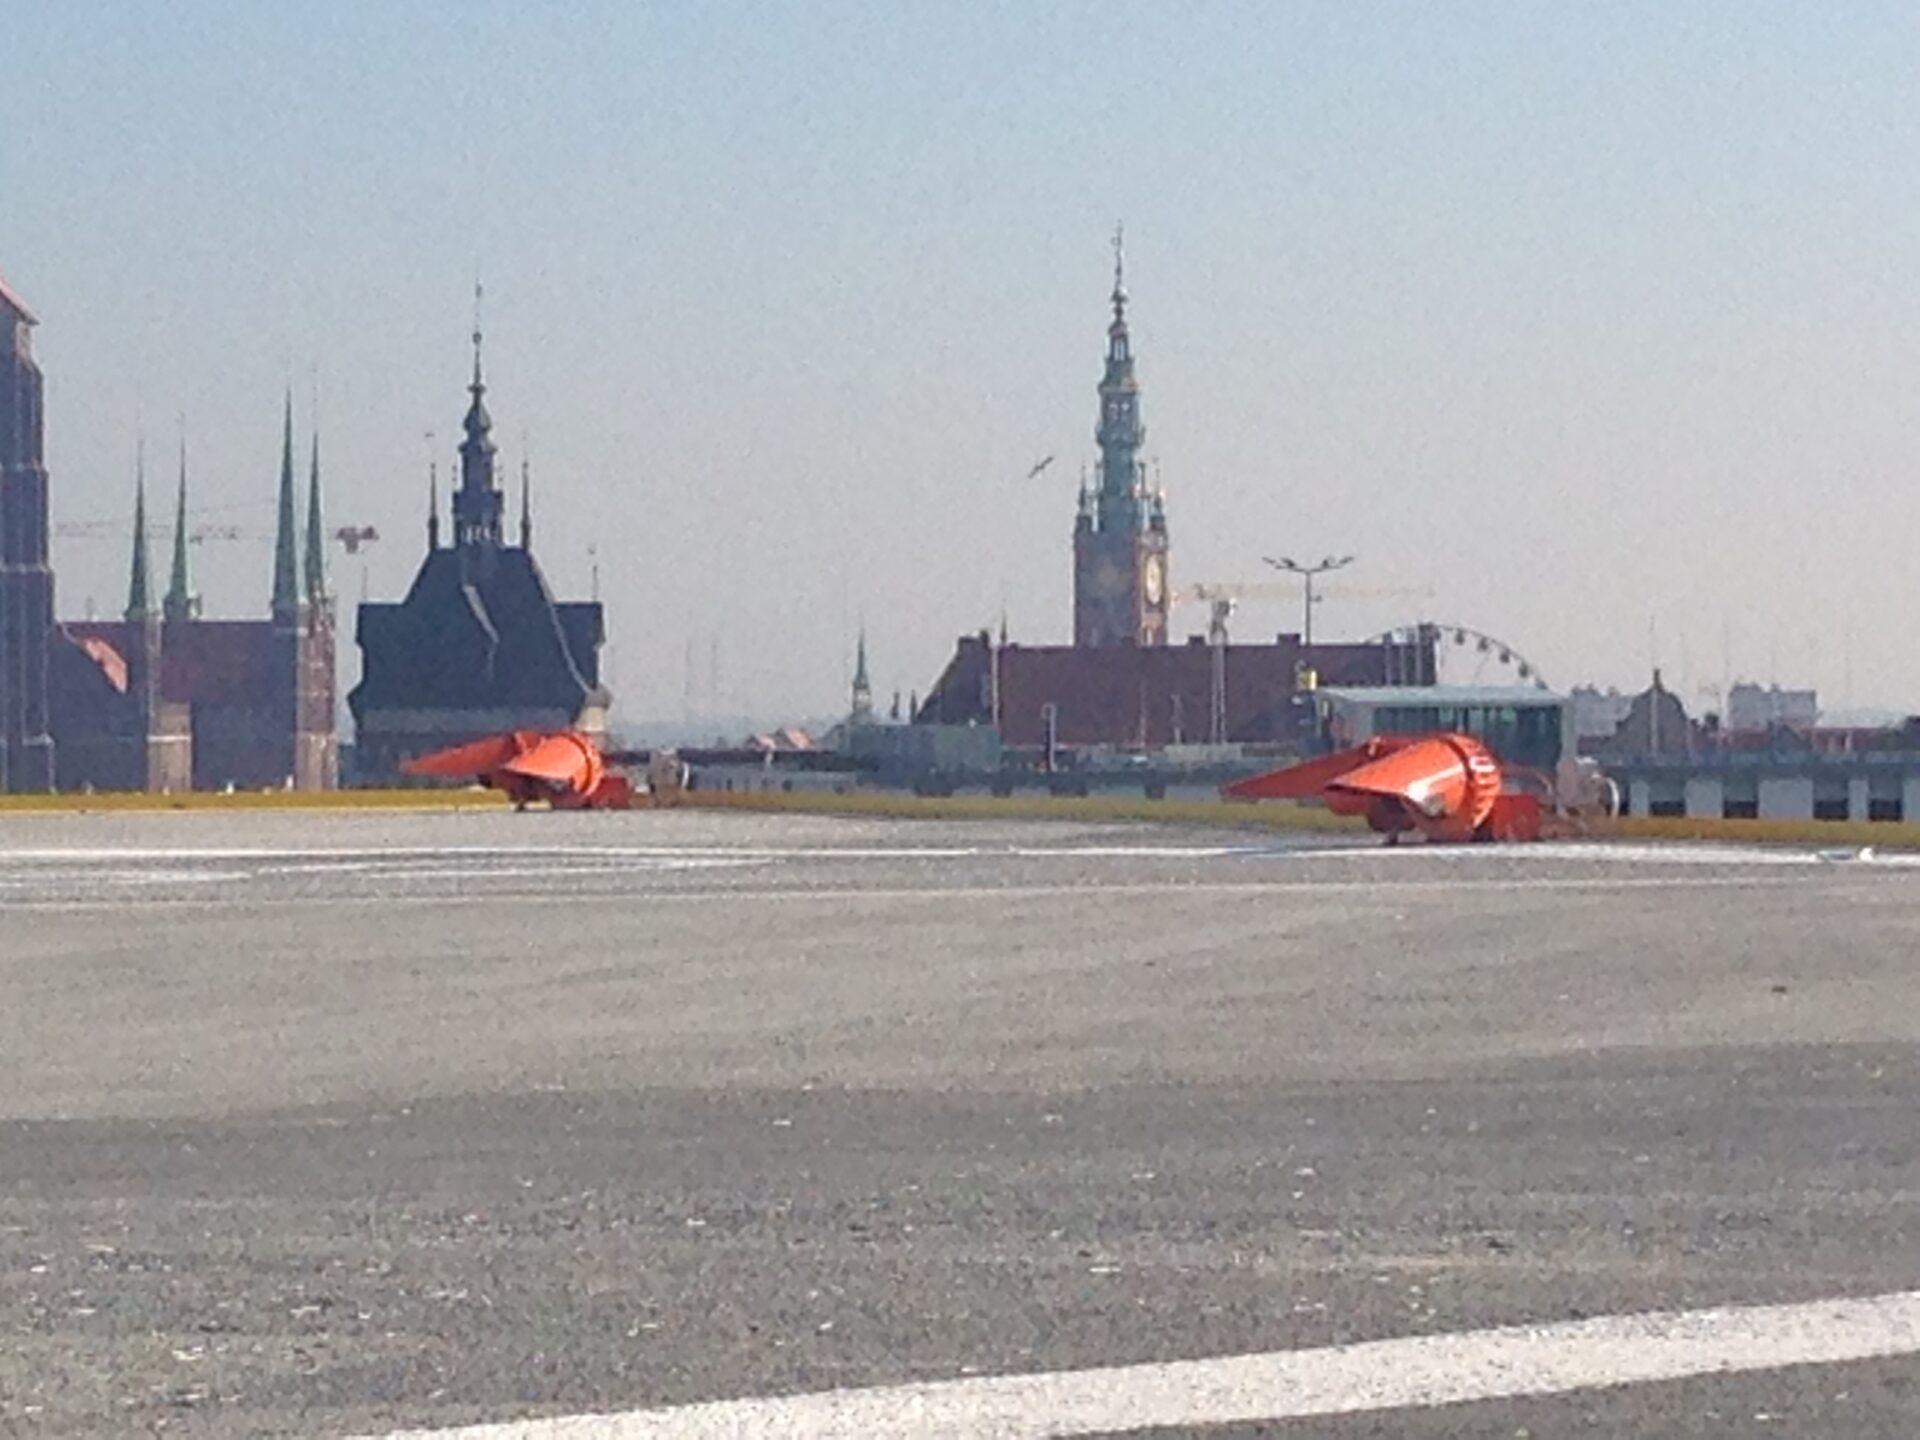 Polonia-Gdansk-heliport 2